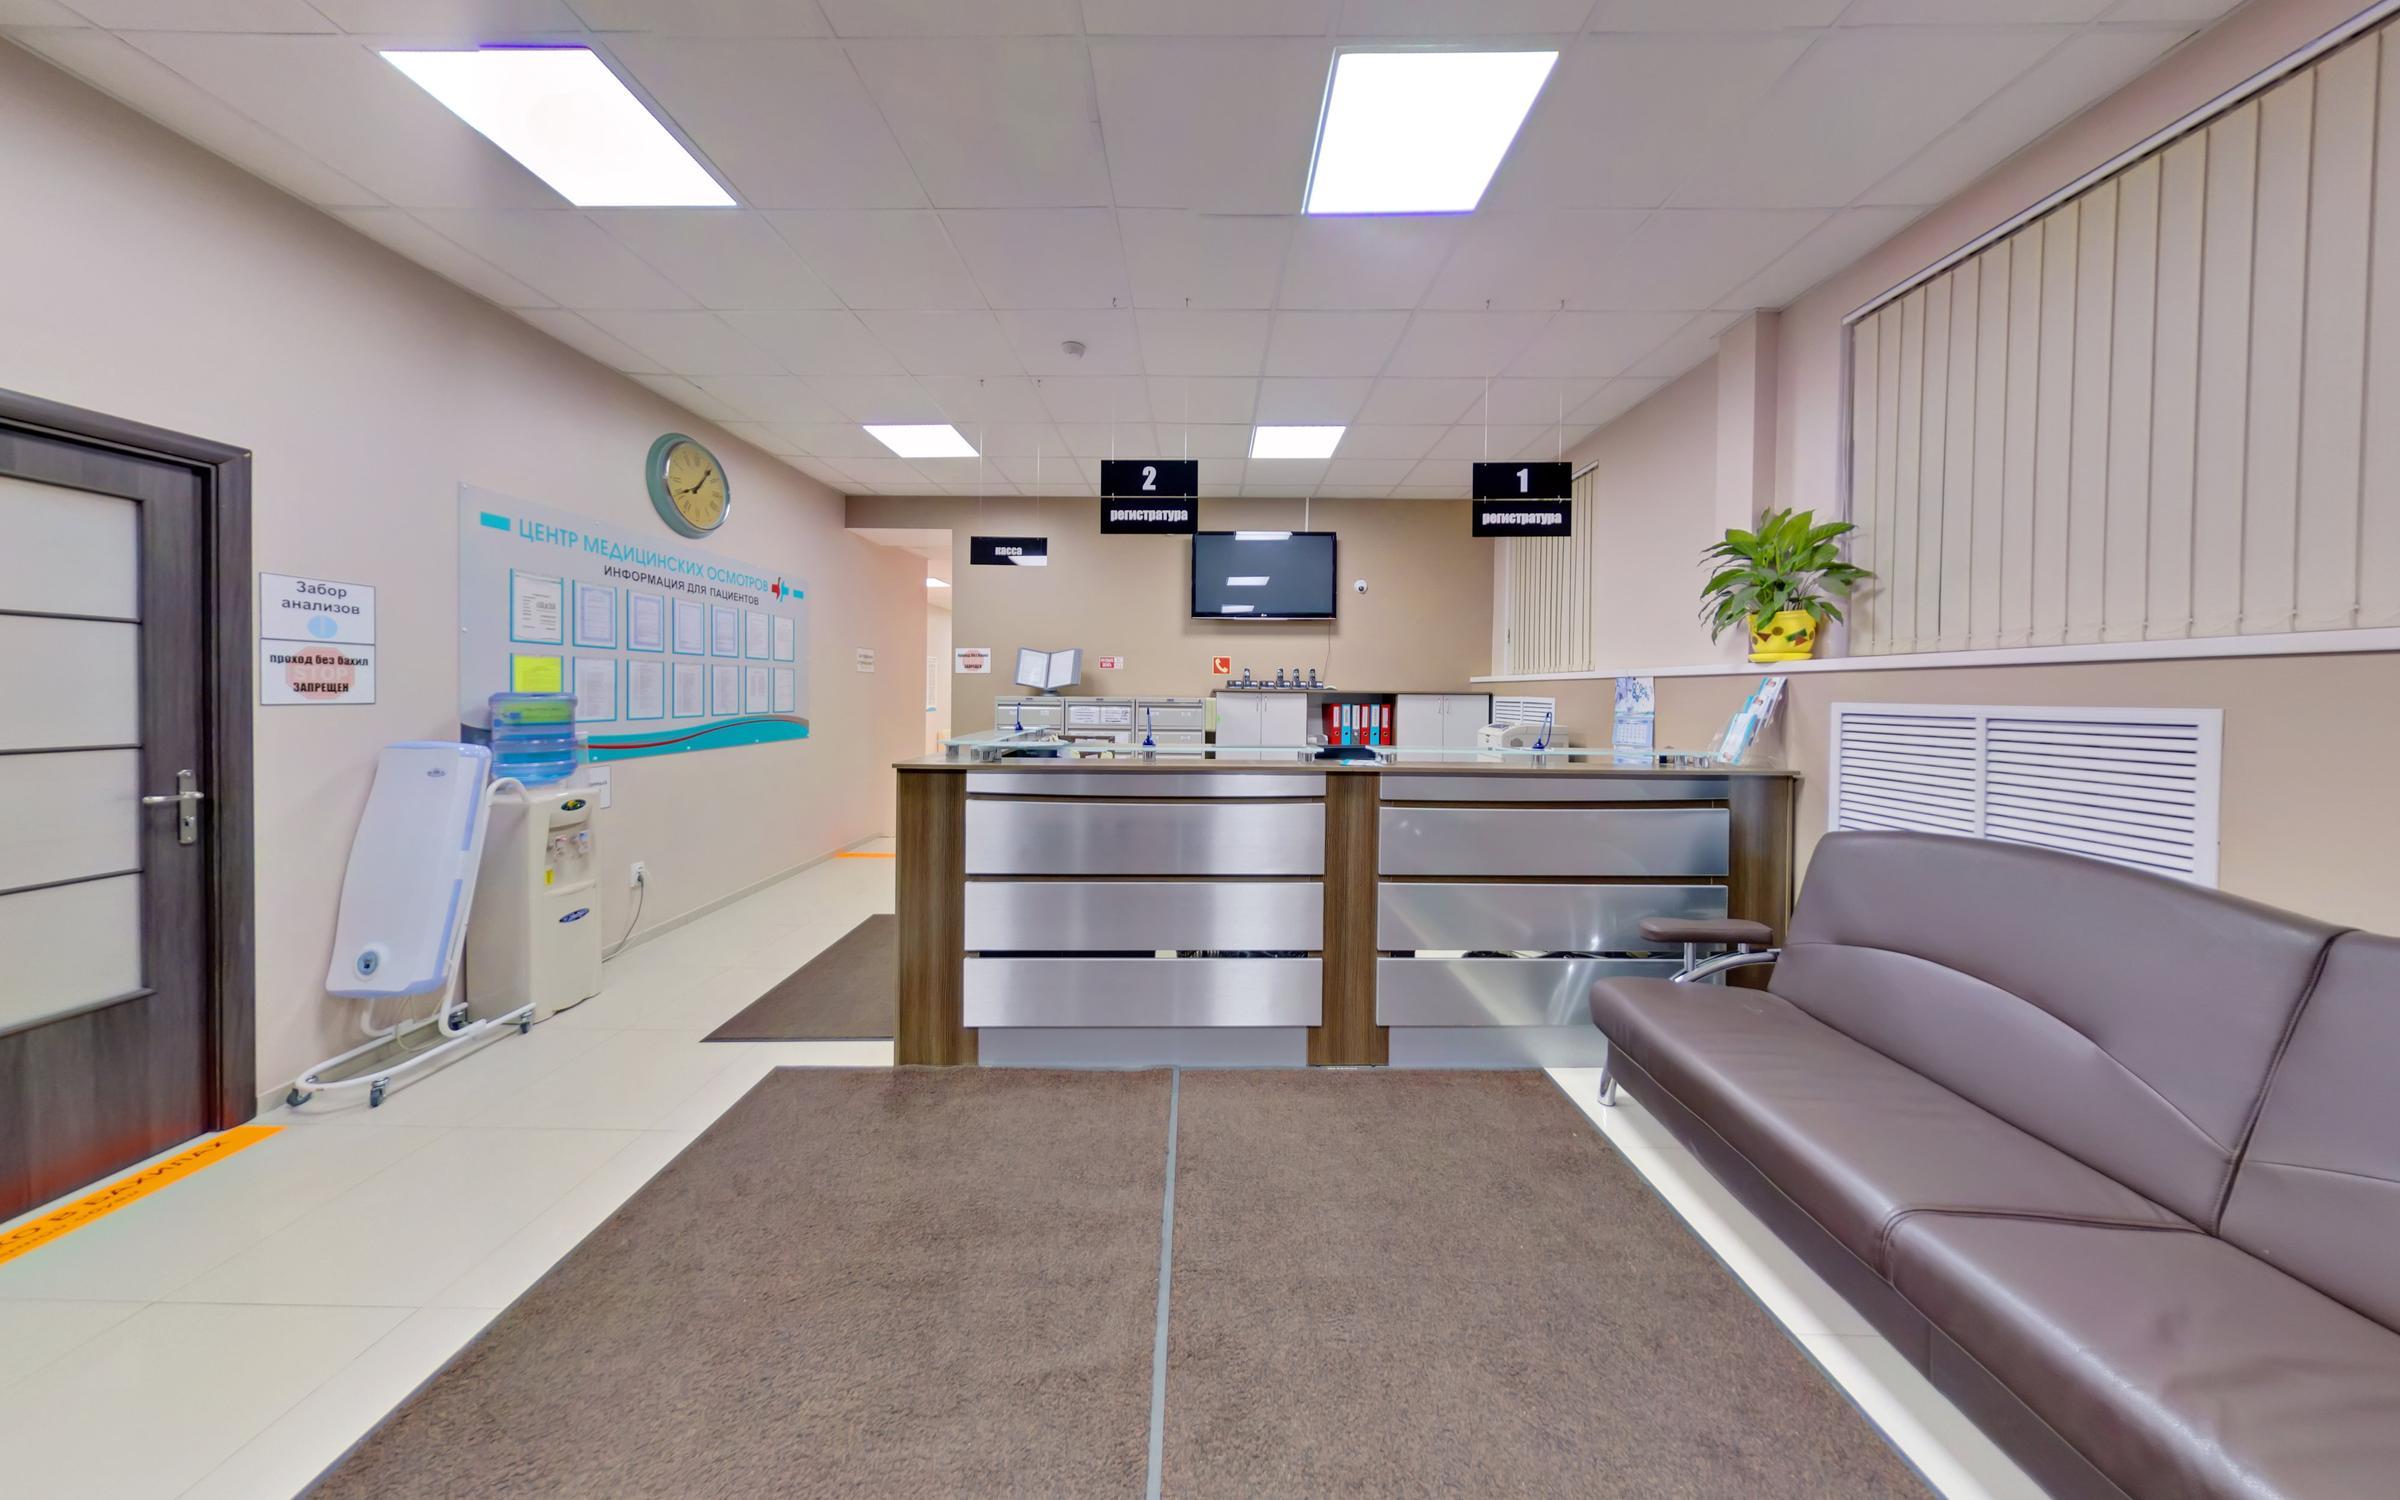 фотография Центра медицинских осмотров на улице Космонавта Леонова